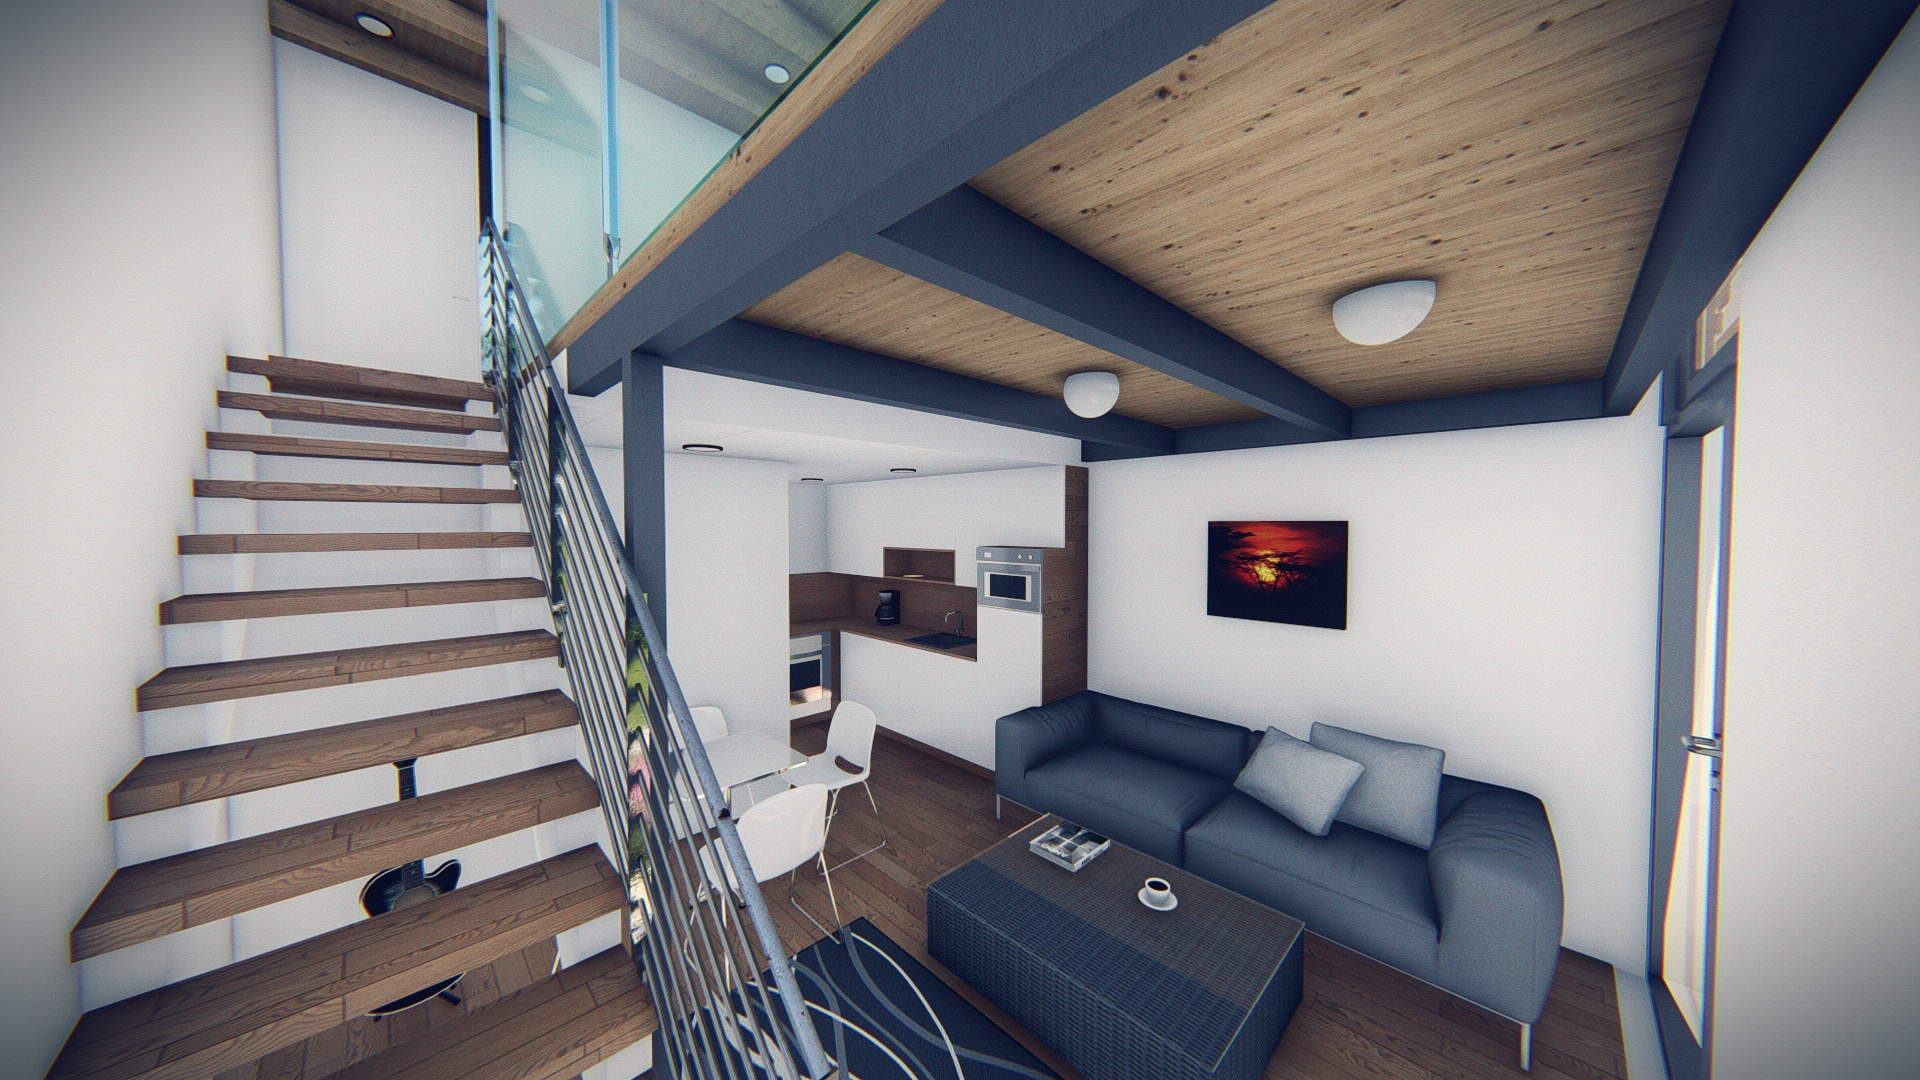 Kamenná byt 2 kk 2NP změna6